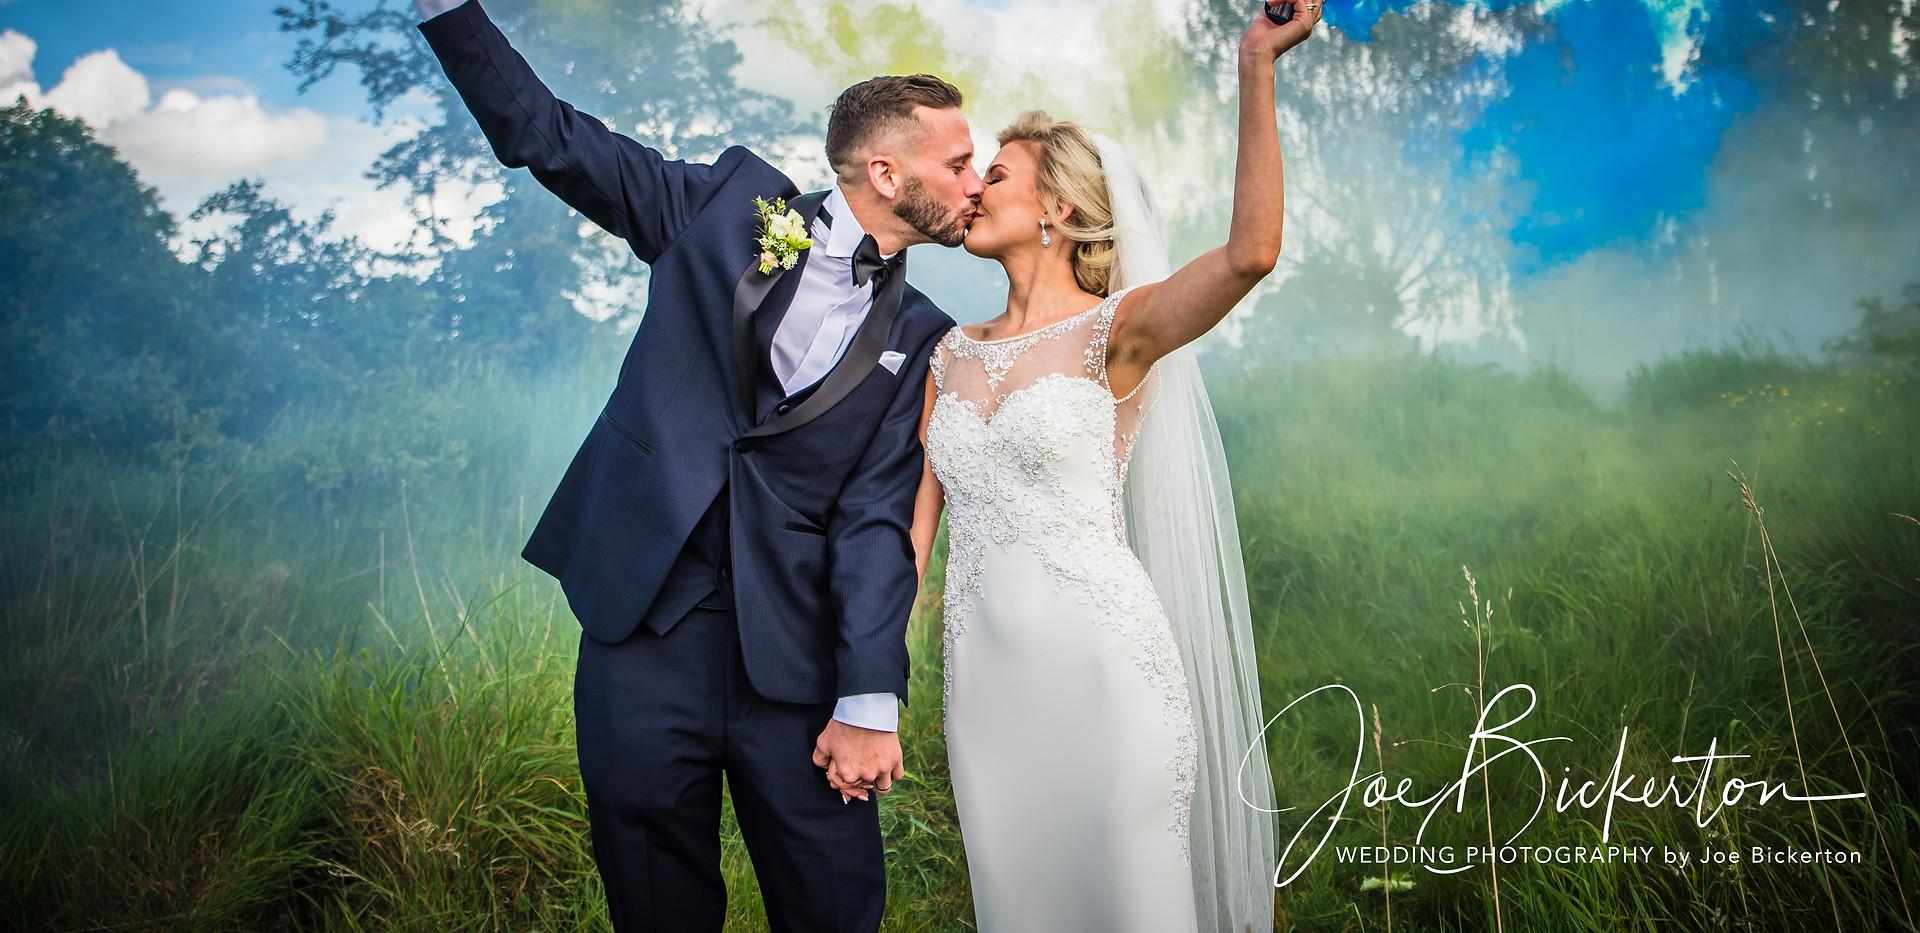 Cock O Barton Wedding Photography___38.j